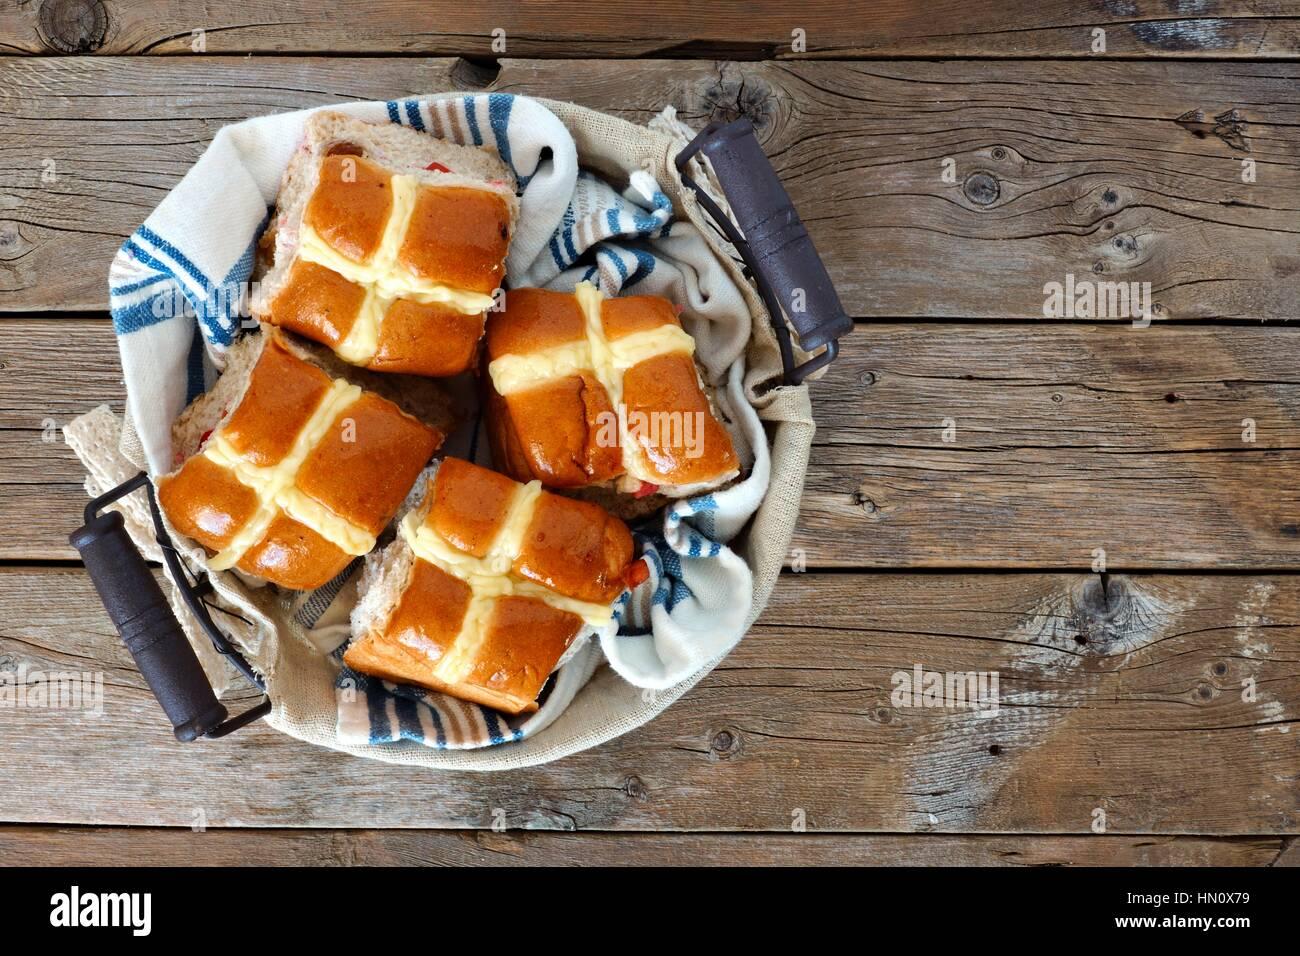 Ostern Hot Cross Buns in einem Korb, nach unten gerichtete Blick auf einem rustikalen Holz Hintergrund Stockbild